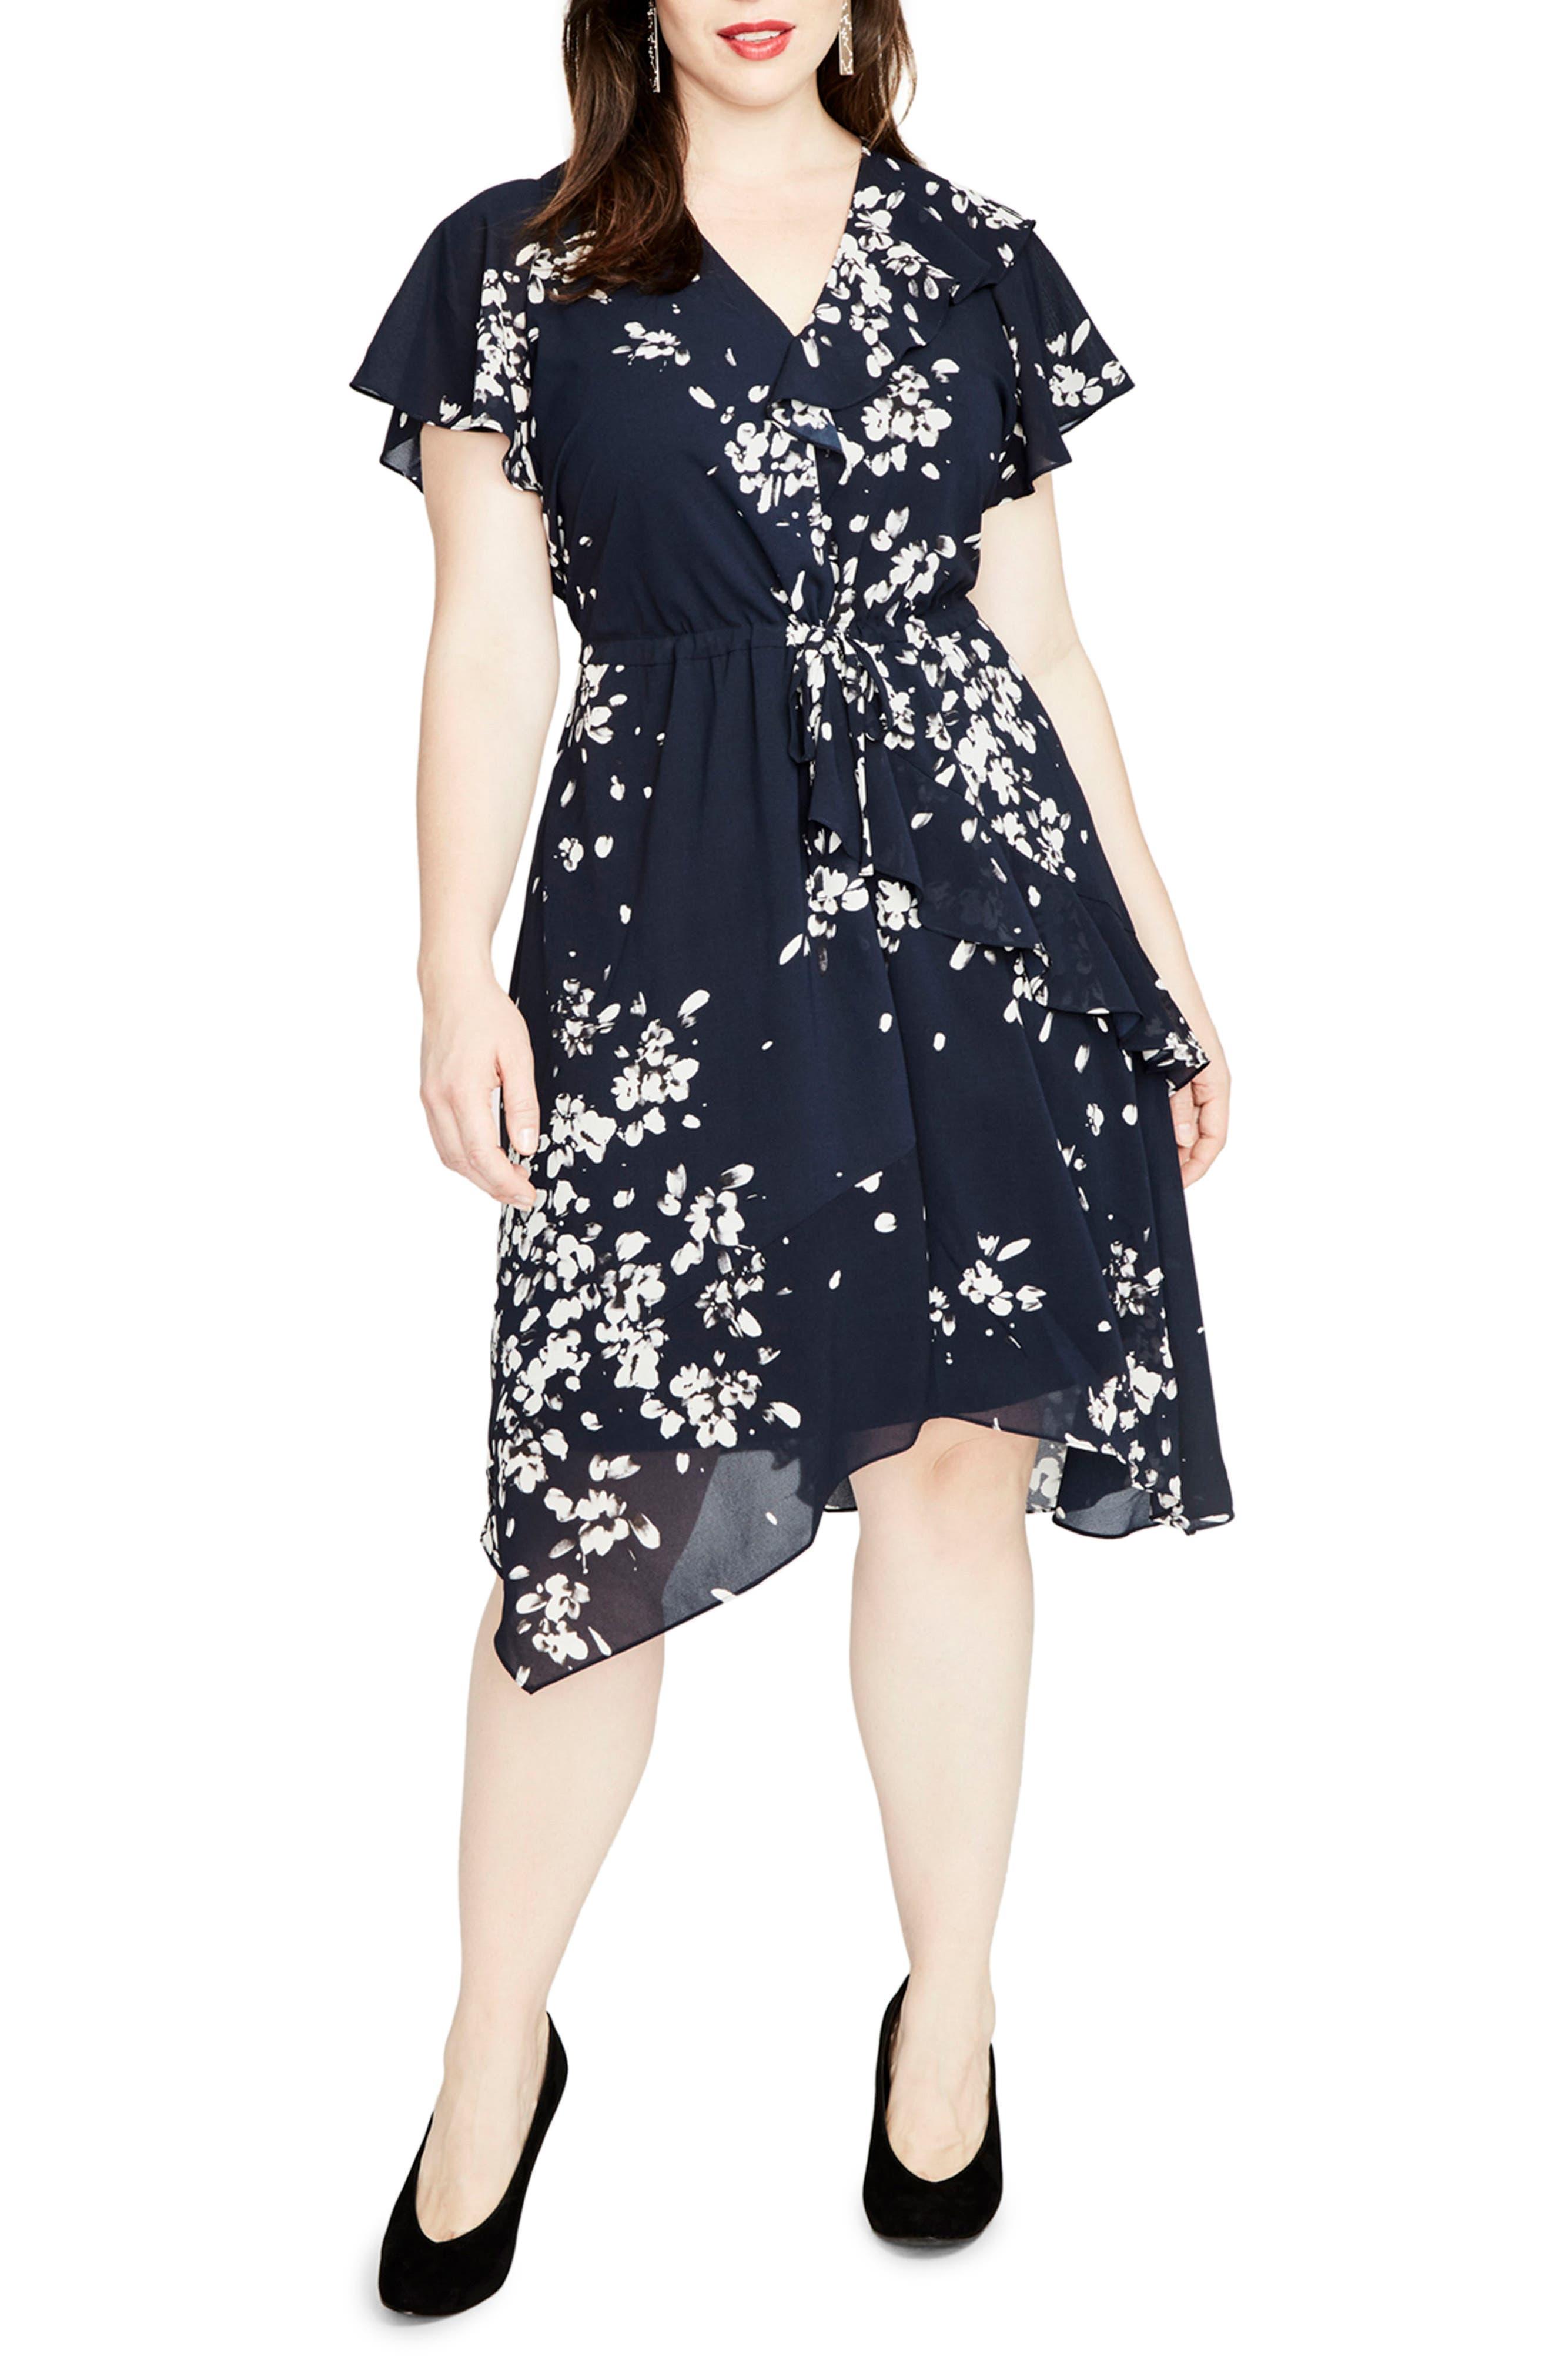 Alternate Image 1 Selected - RACHEL Rachel Roy Ruffle Floral A-Line Dress (Plus Size)